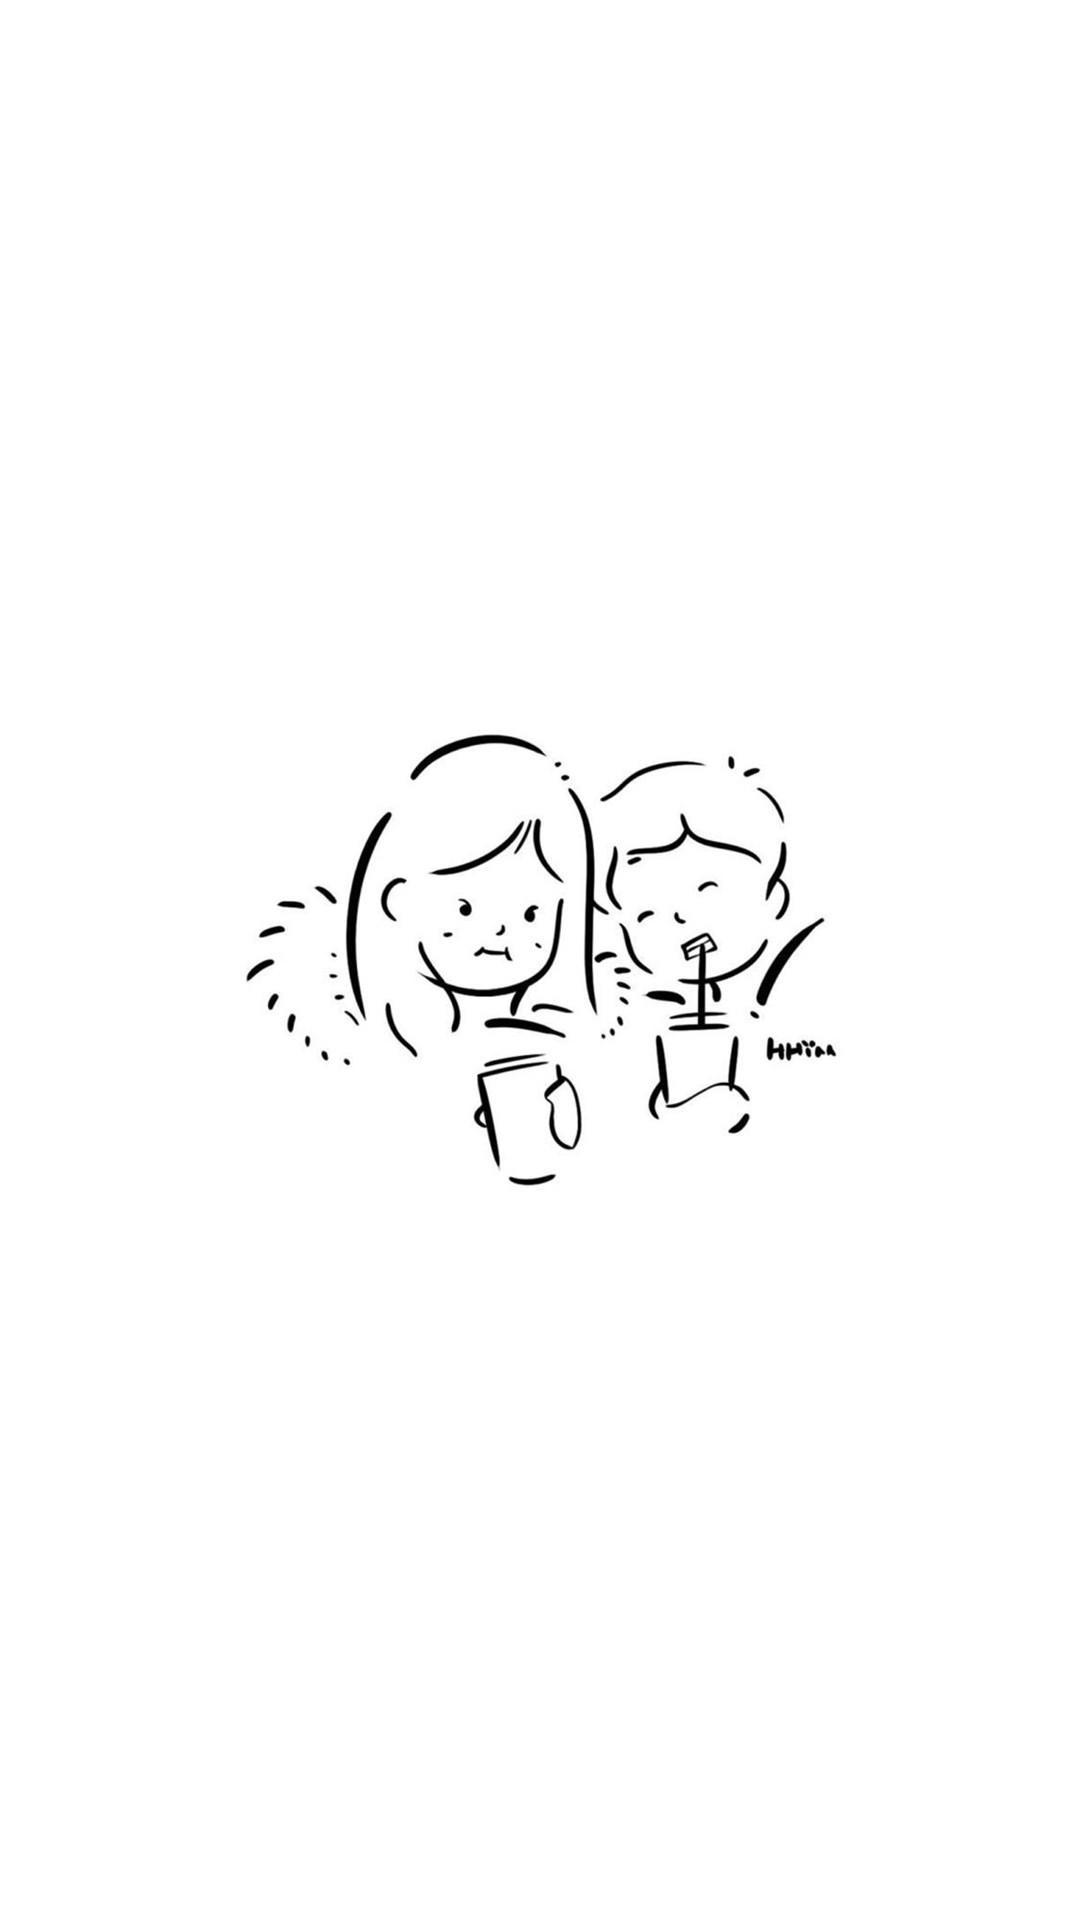 黑白简约情侣手绘